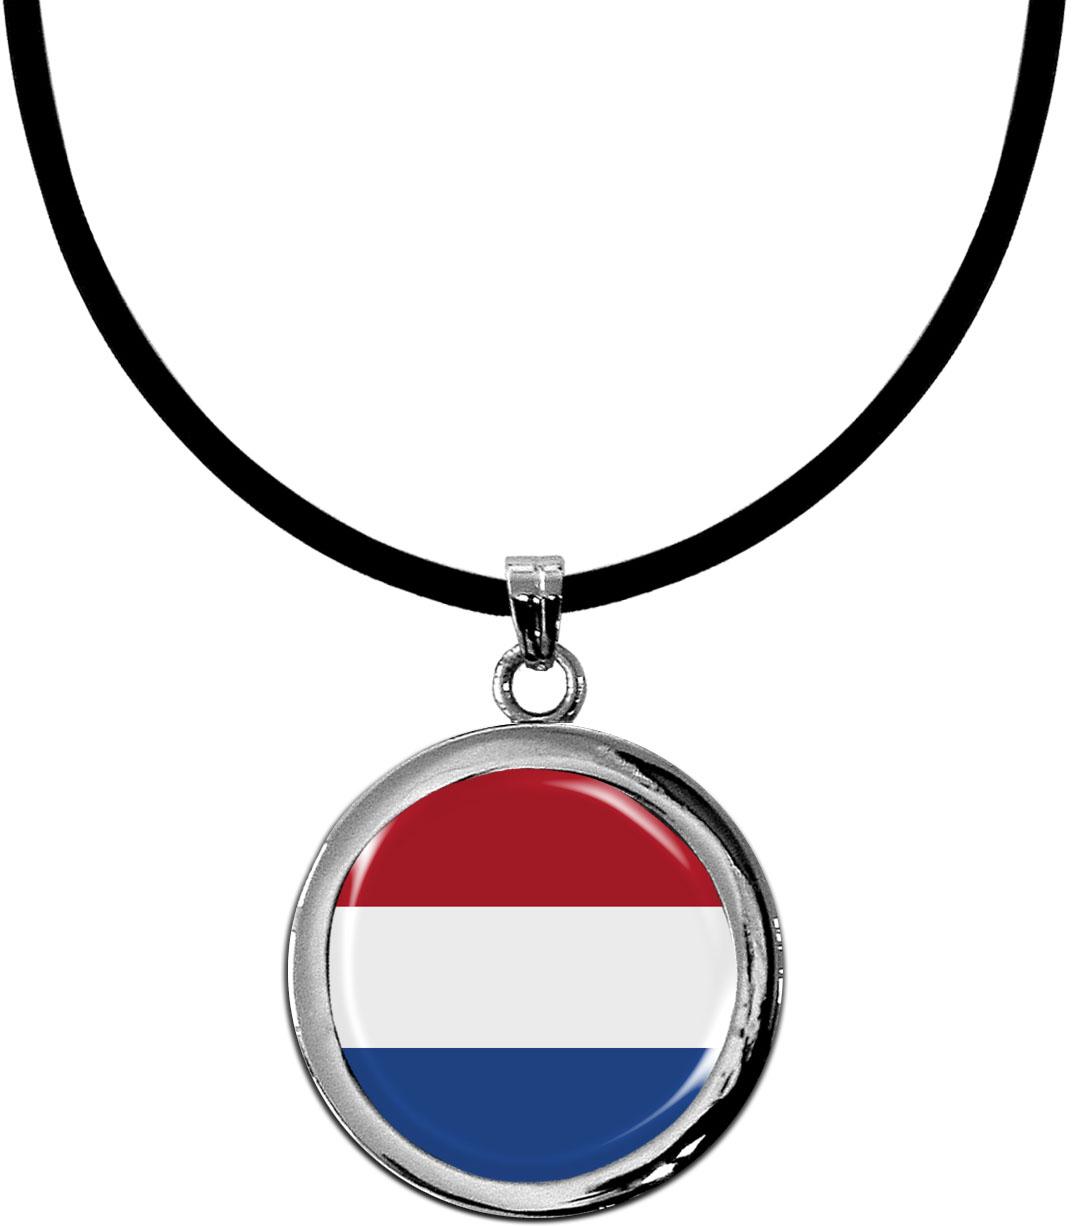 Kettenanhänger / Niederlande / Silikonband mit Silberverschluss